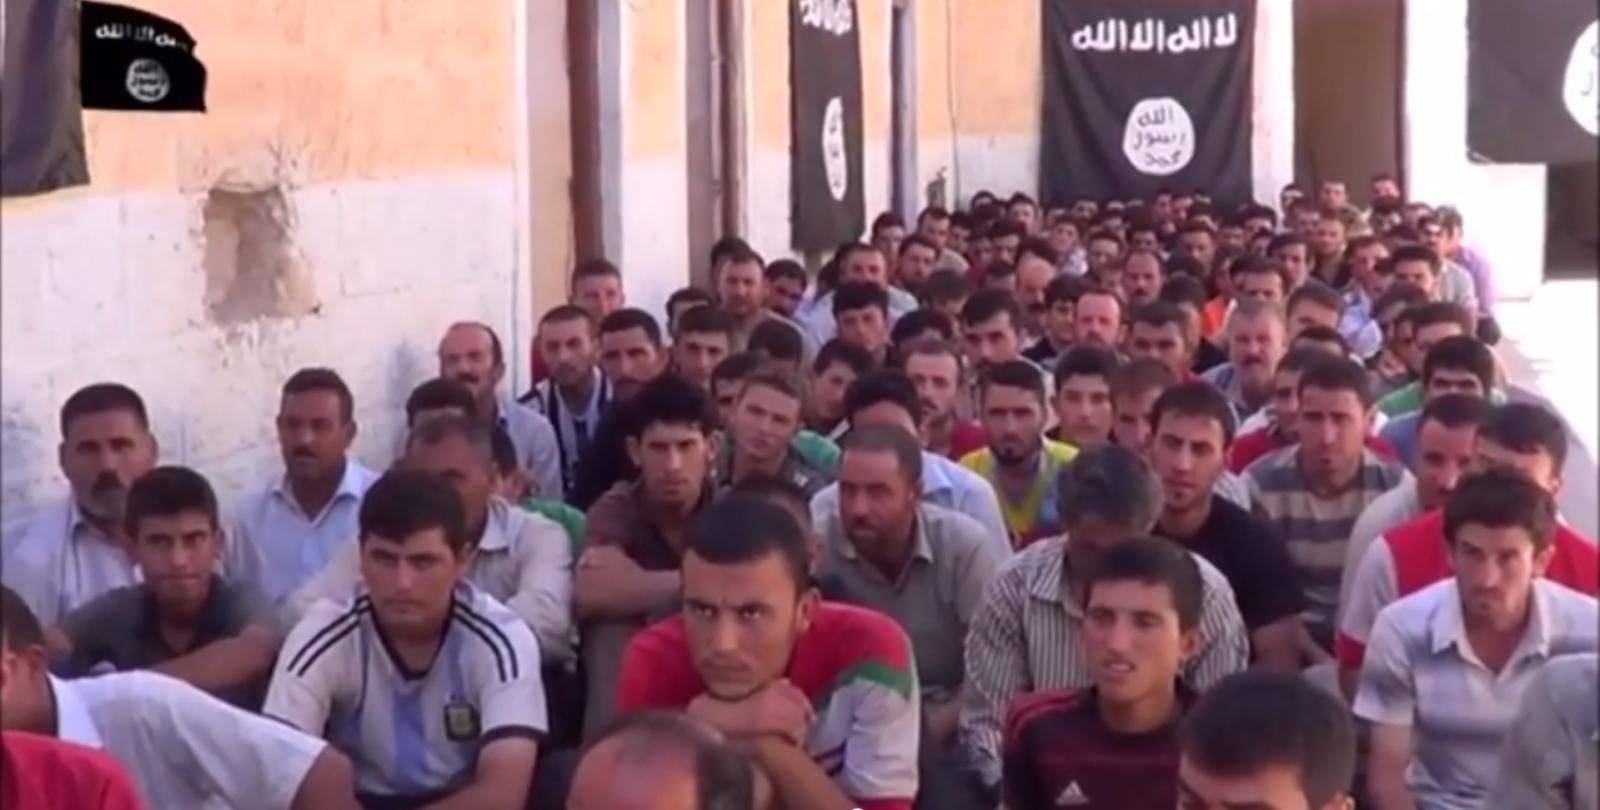 Yazidis convert to Islam